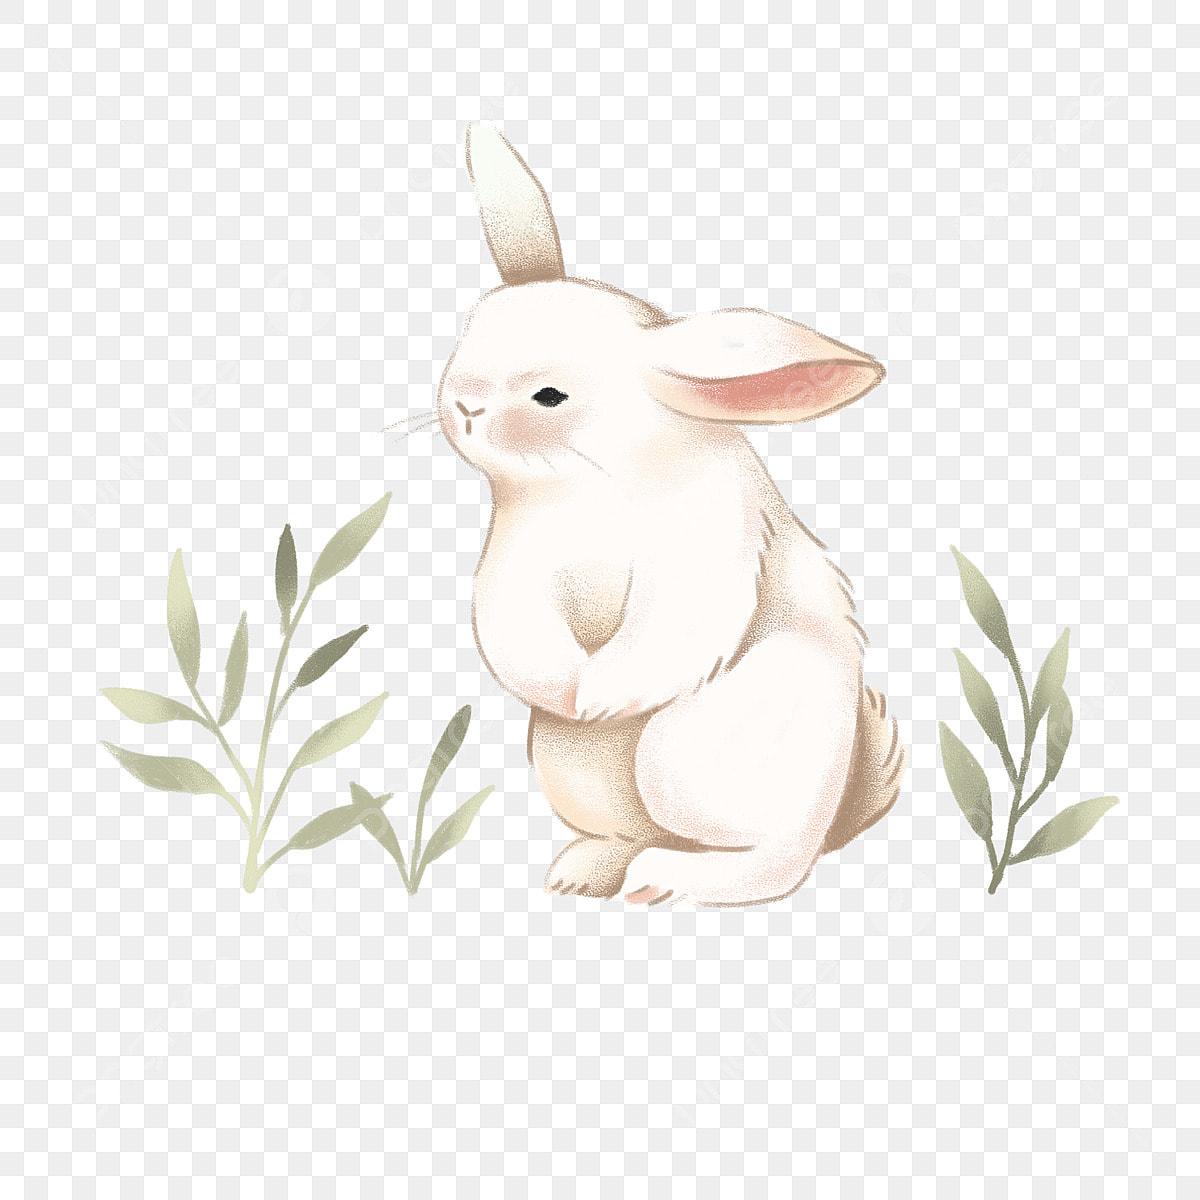 Clipart rabbit snowshoe rabbit, Clipart rabbit snowshoe rabbit Transparent  FREE for download on WebStockReview 2020